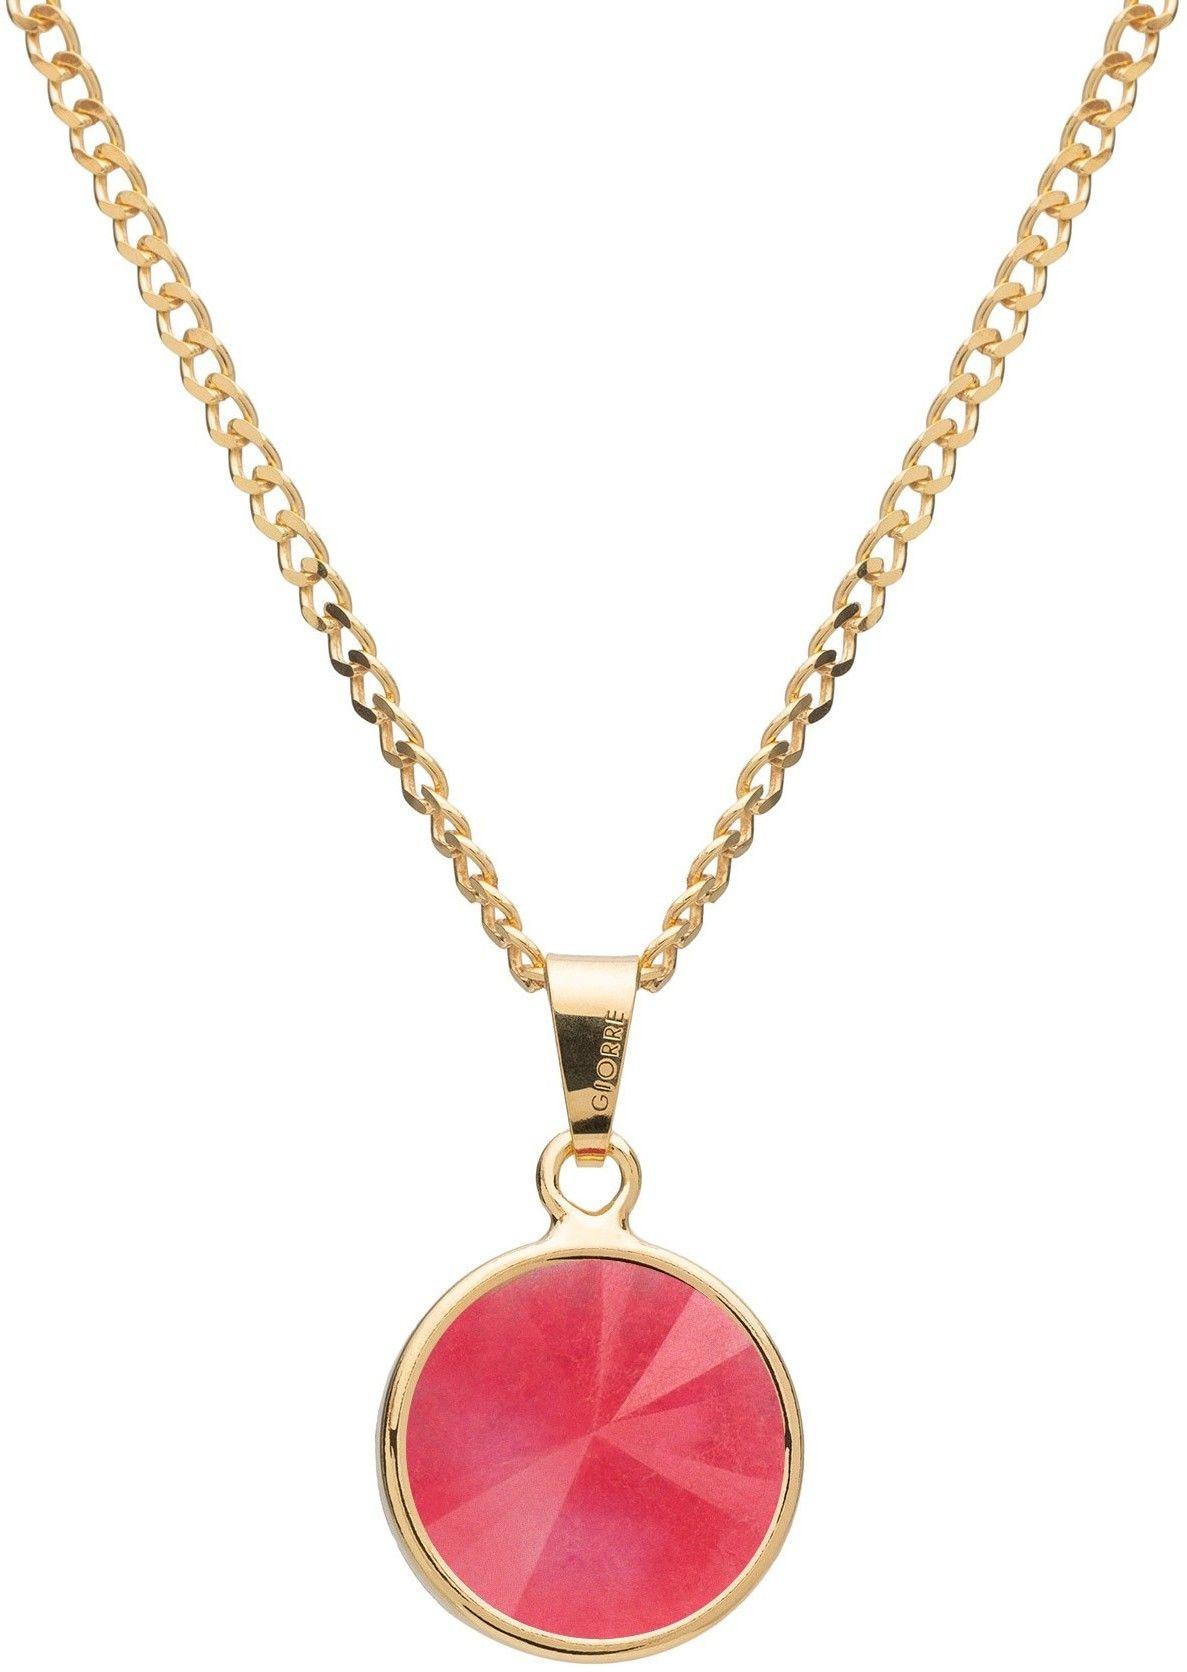 Srebrny naszyjnik z naturalnym kamieniem - jadeit, srebro 925 : Długość (cm) - 40 + 5 , Kamienie naturalne - kolor - jadeit różowy, Srebro - kolor pokrycia - Pokrycie żółtym 18K złotem